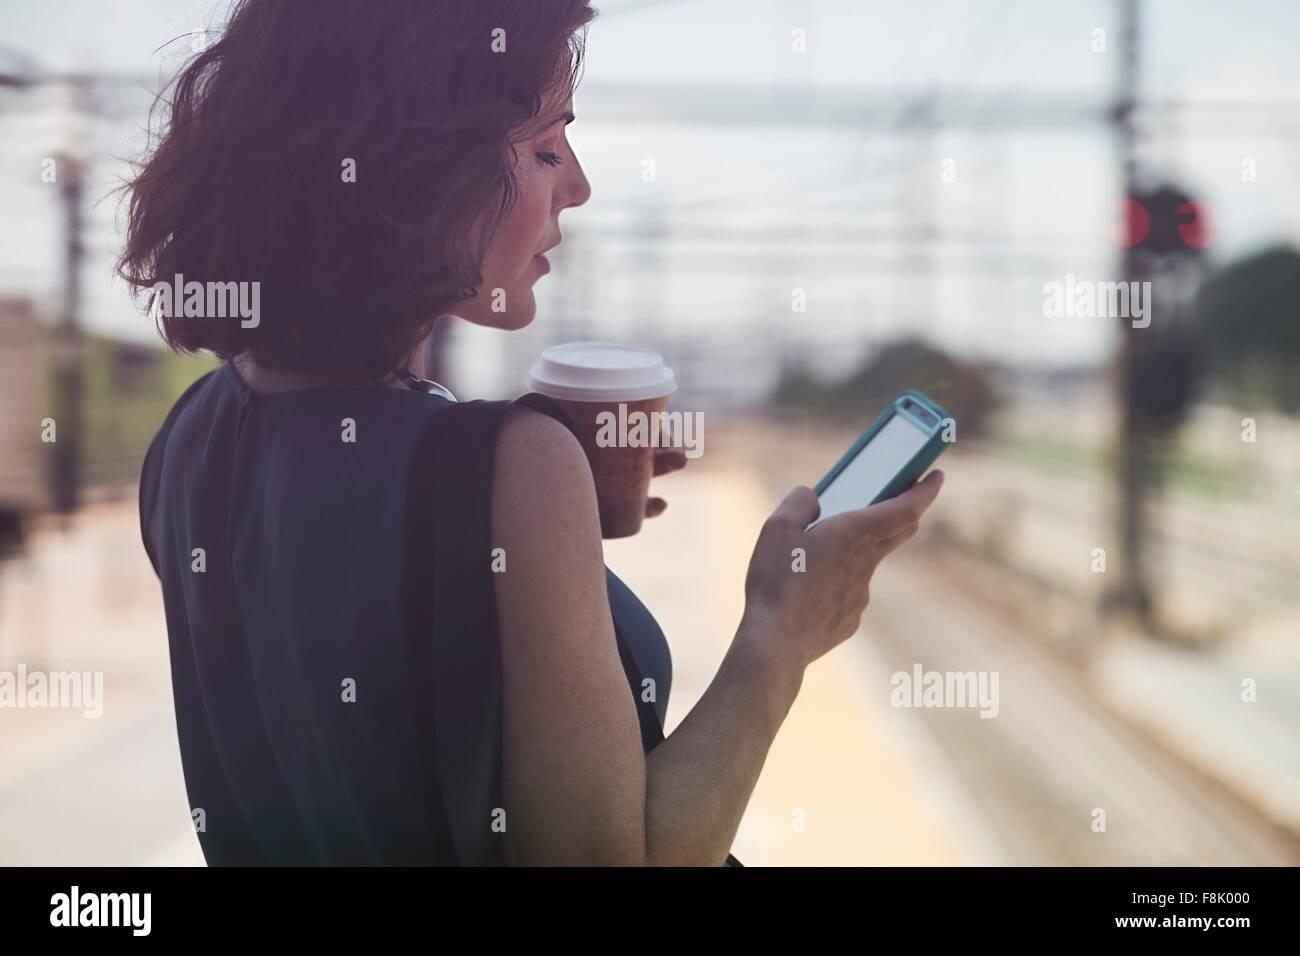 Mujer adulta media esperando en la estación de tren, con smartphone, sosteniendo la taza de café Imagen De Stock